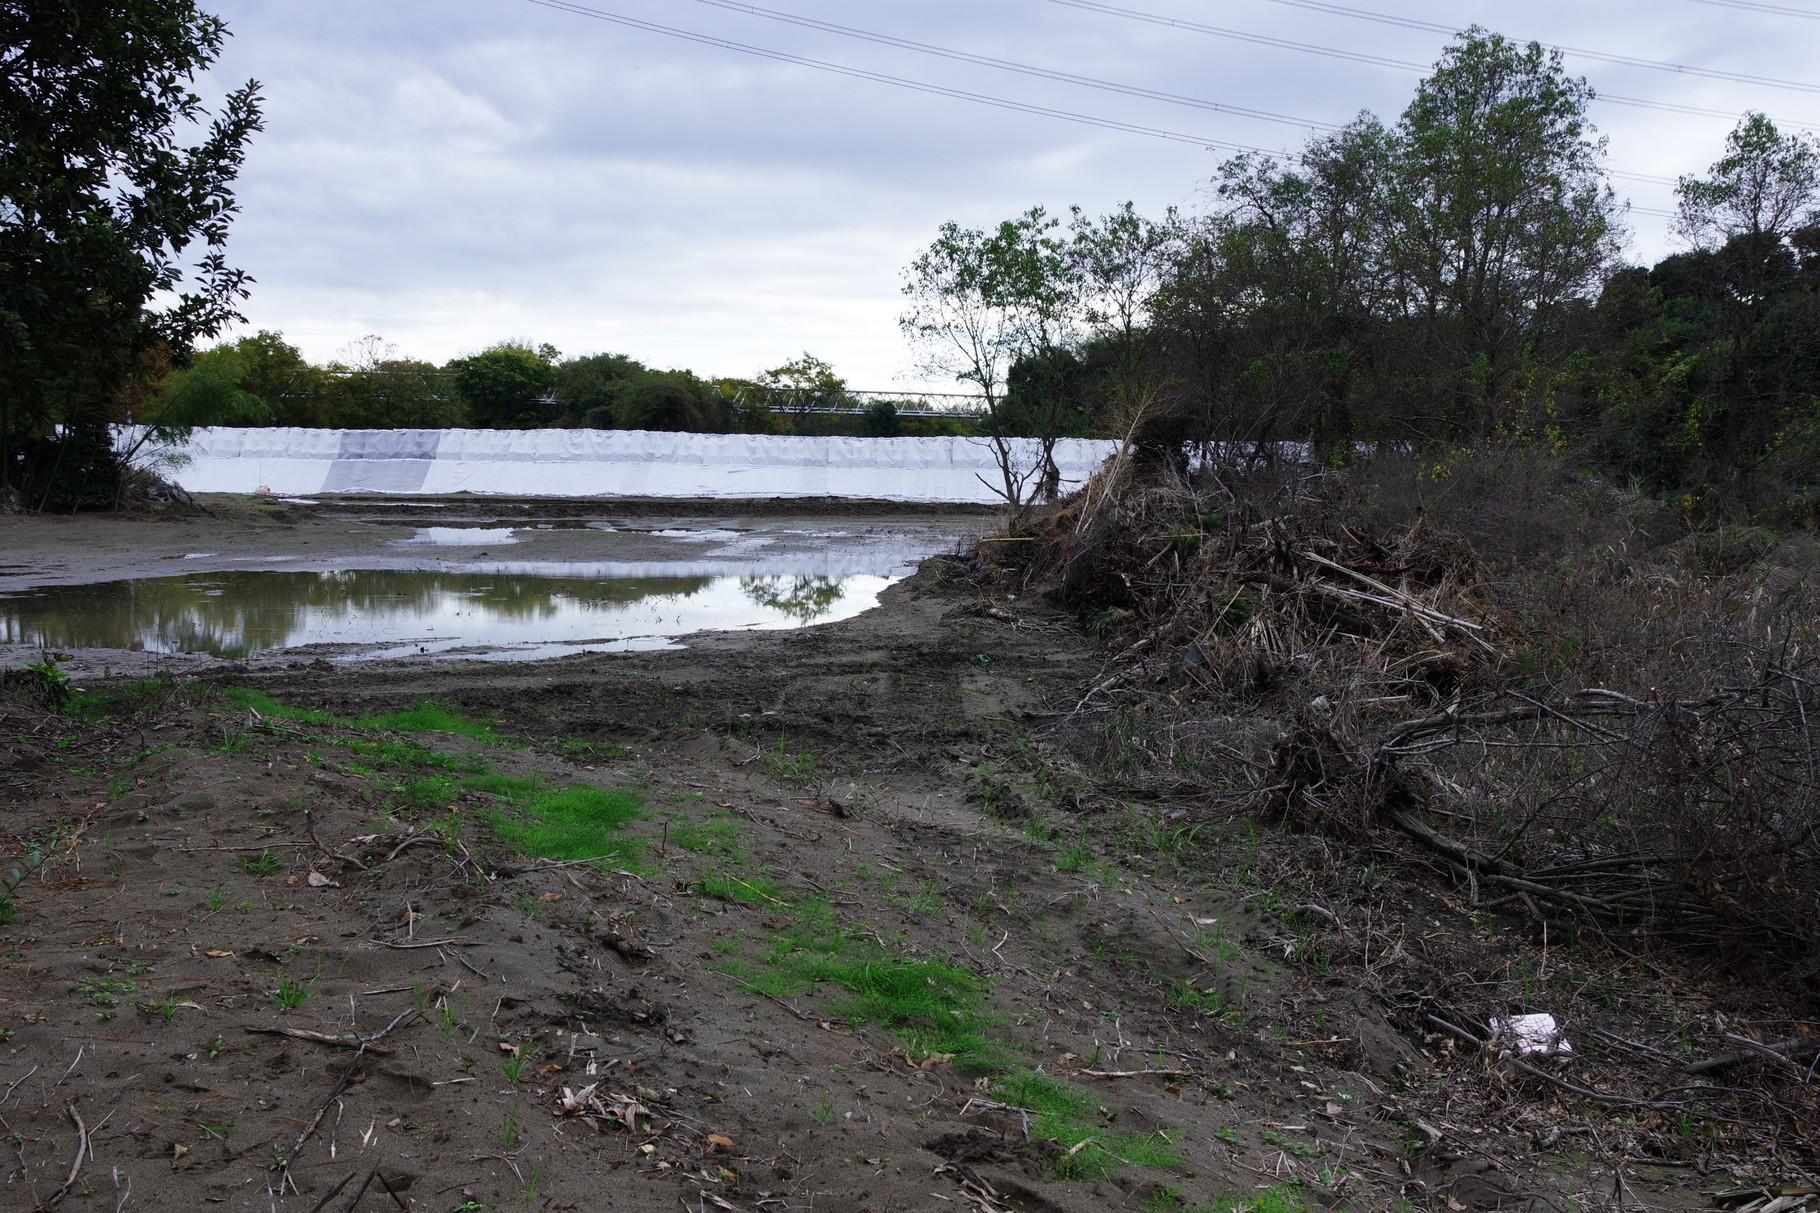 氾濫から2週間後に急造した土嚢の堤防もどき